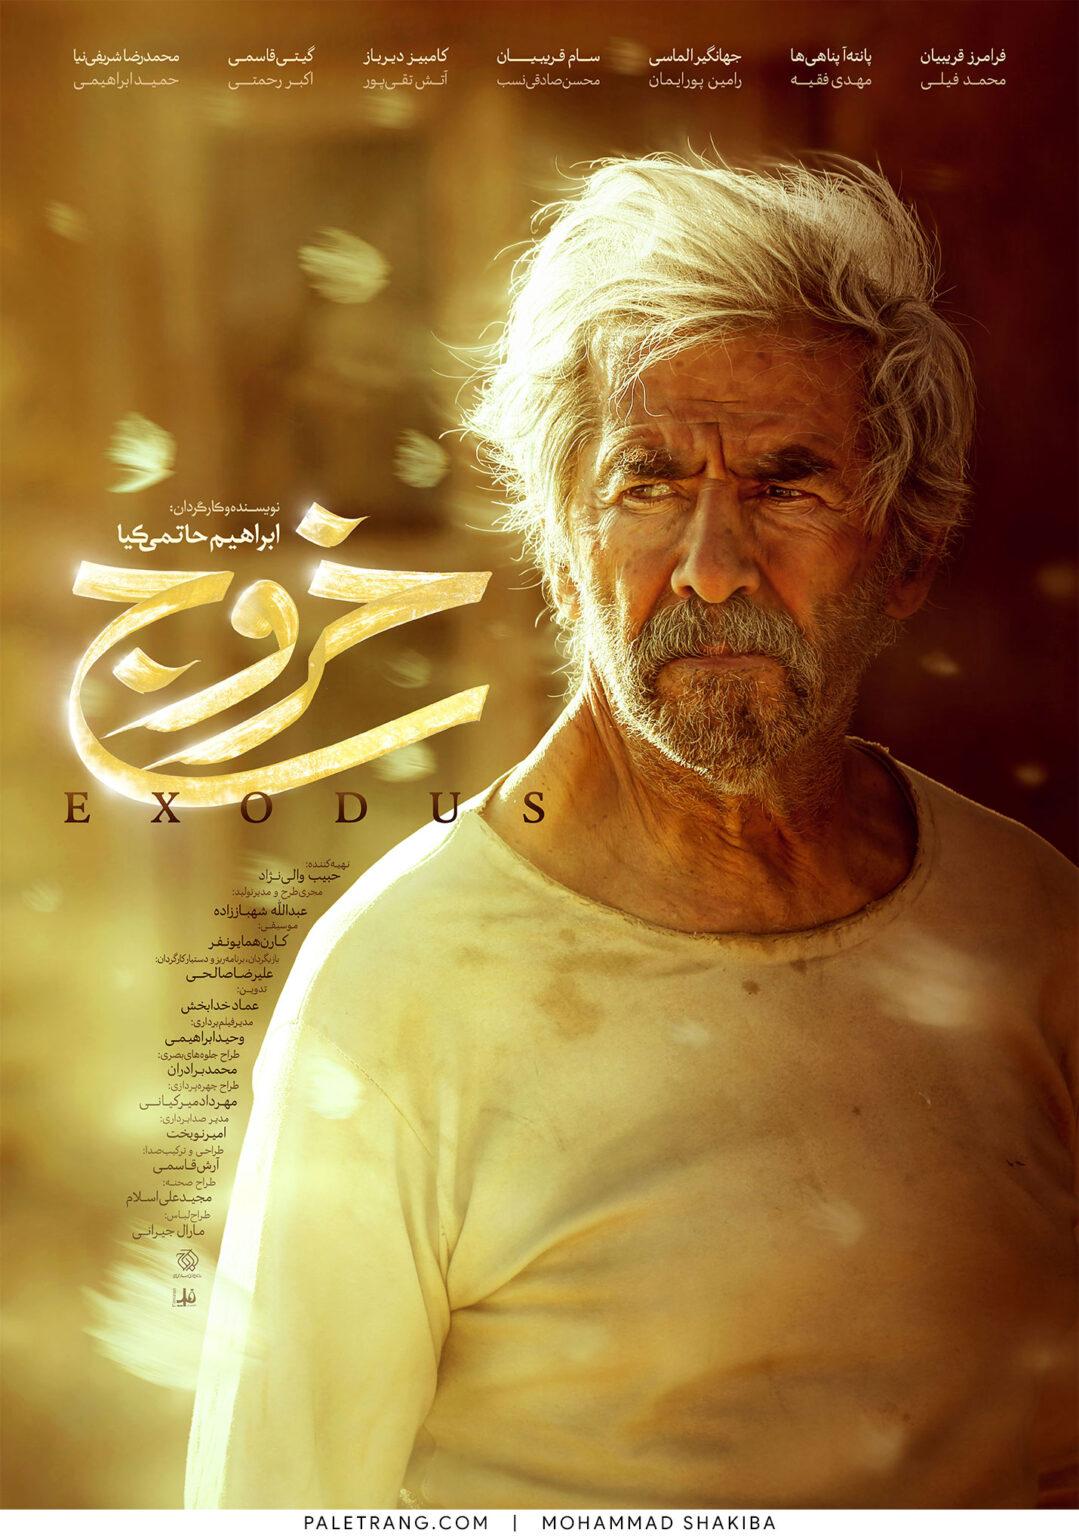 پوستر فیلم سینمایی فیلم خروج اثر محمد شکیبا